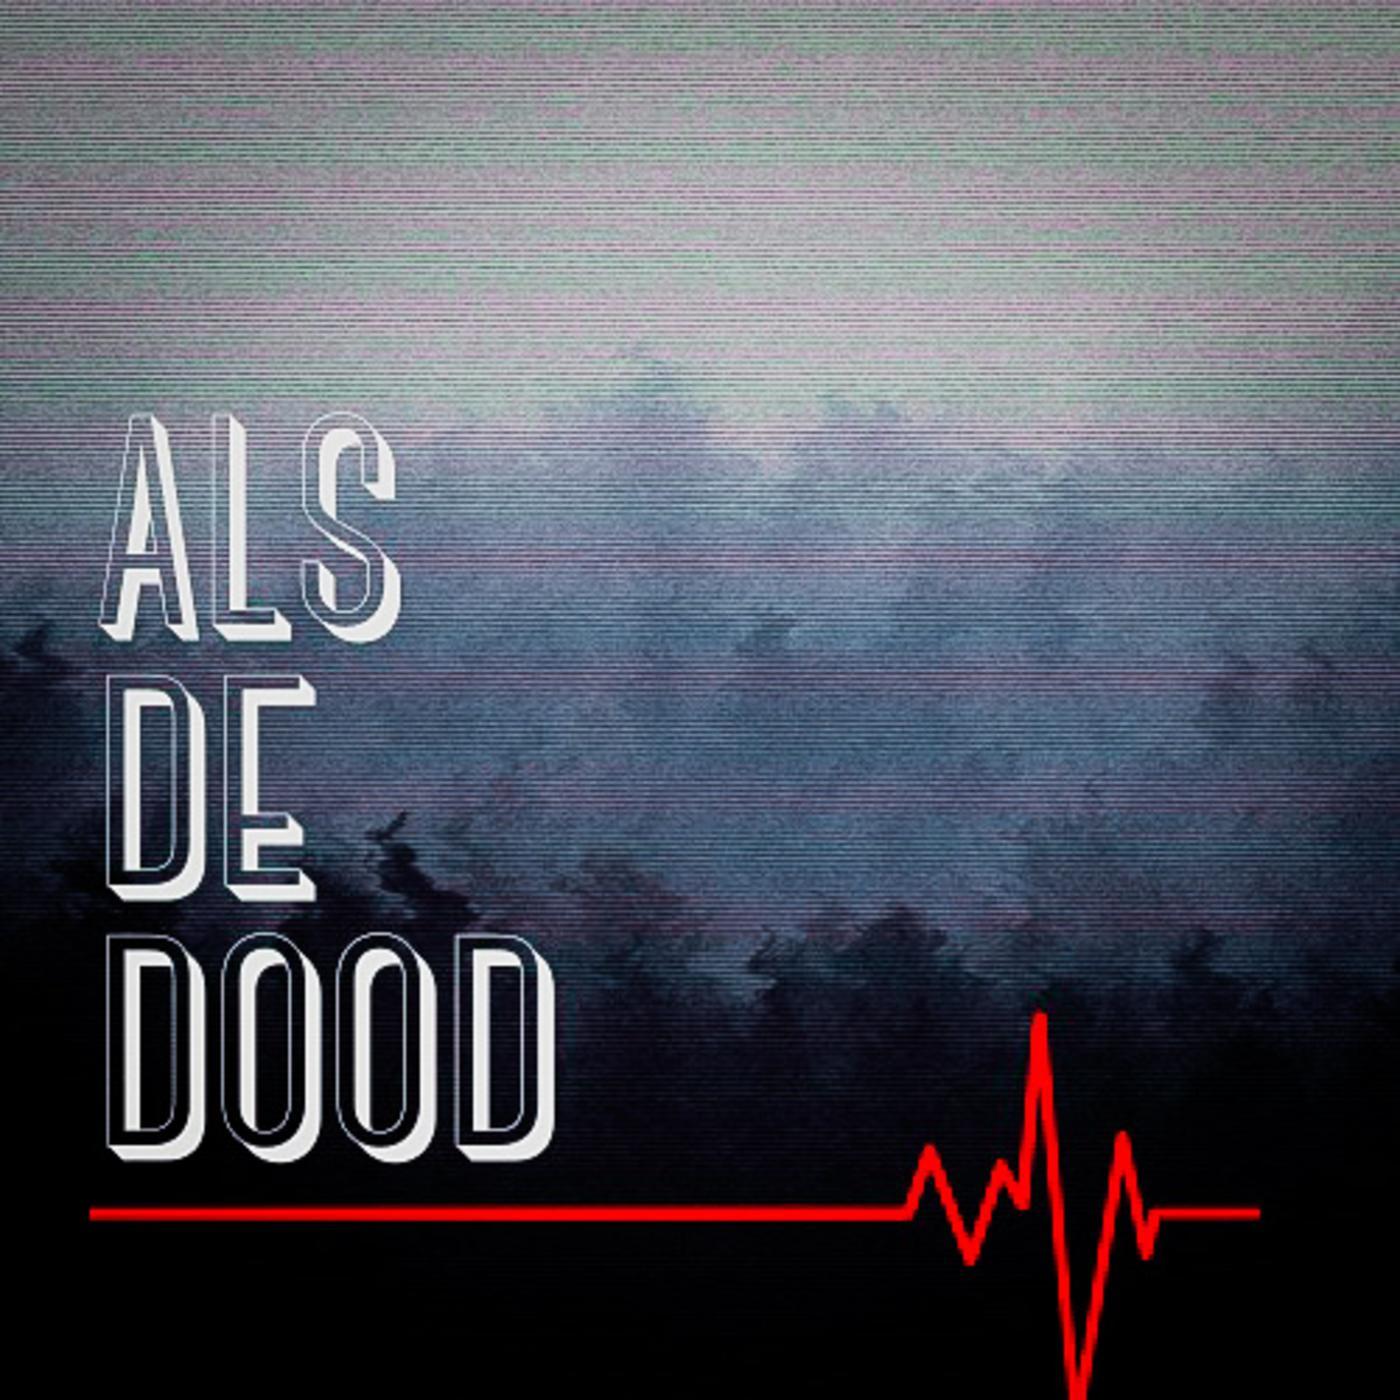 Als De Dood logo